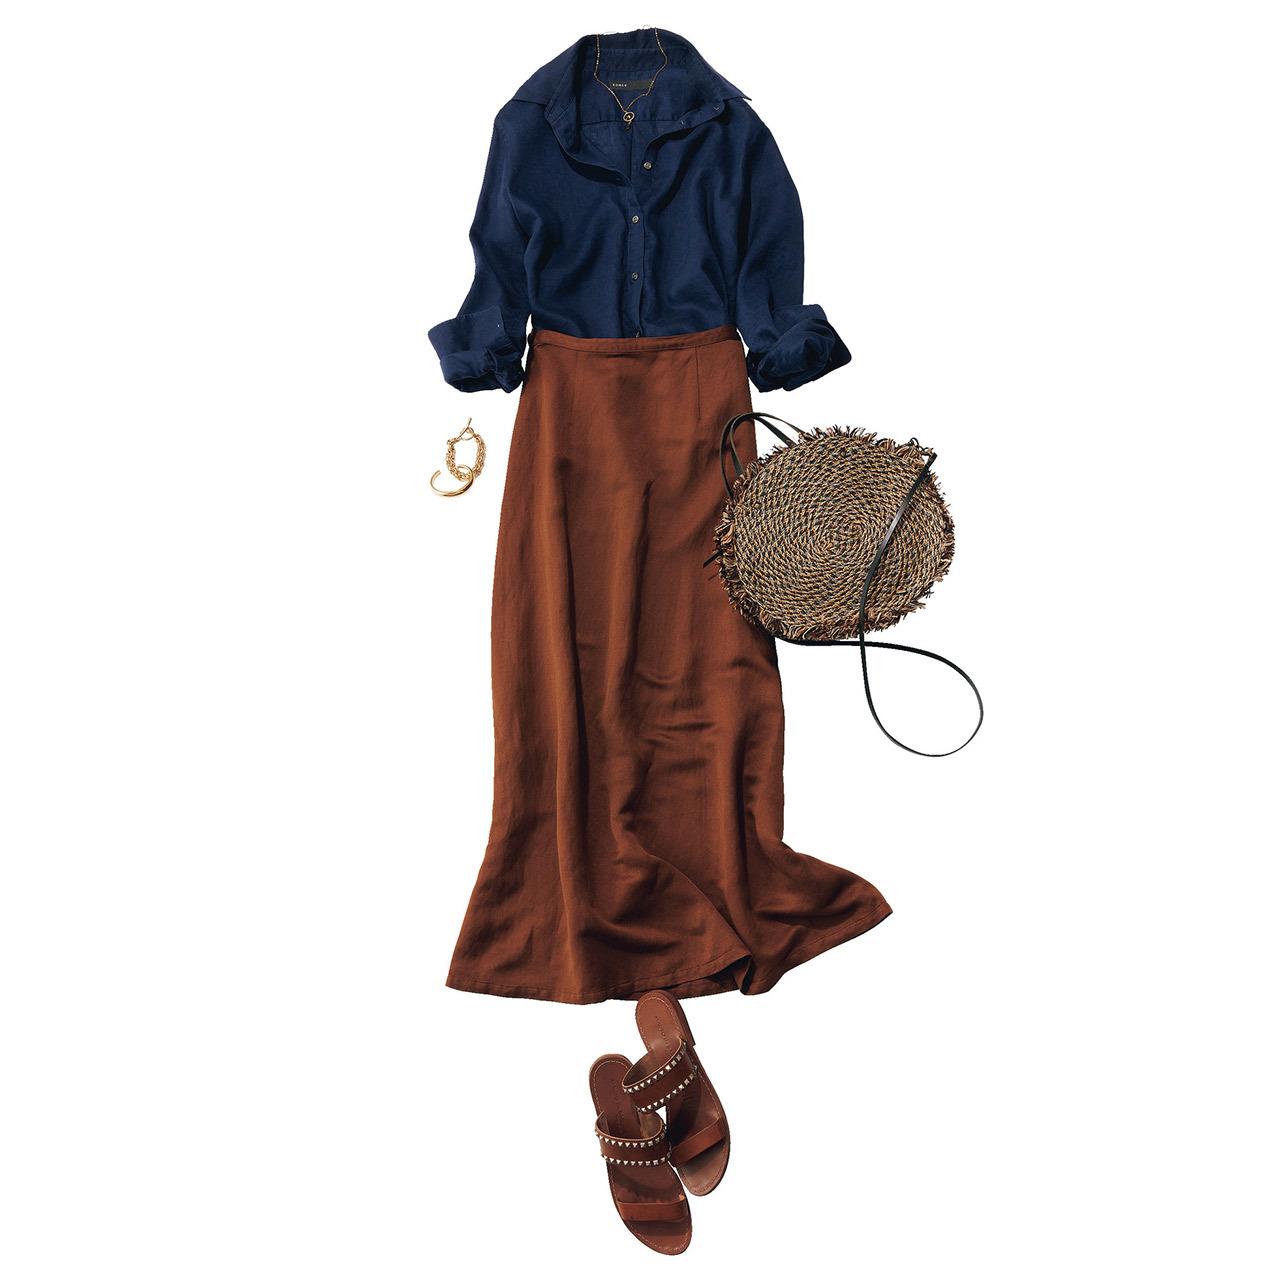 ネイビーシャツ×ブラウンスカートのメリハリ配色コーデ